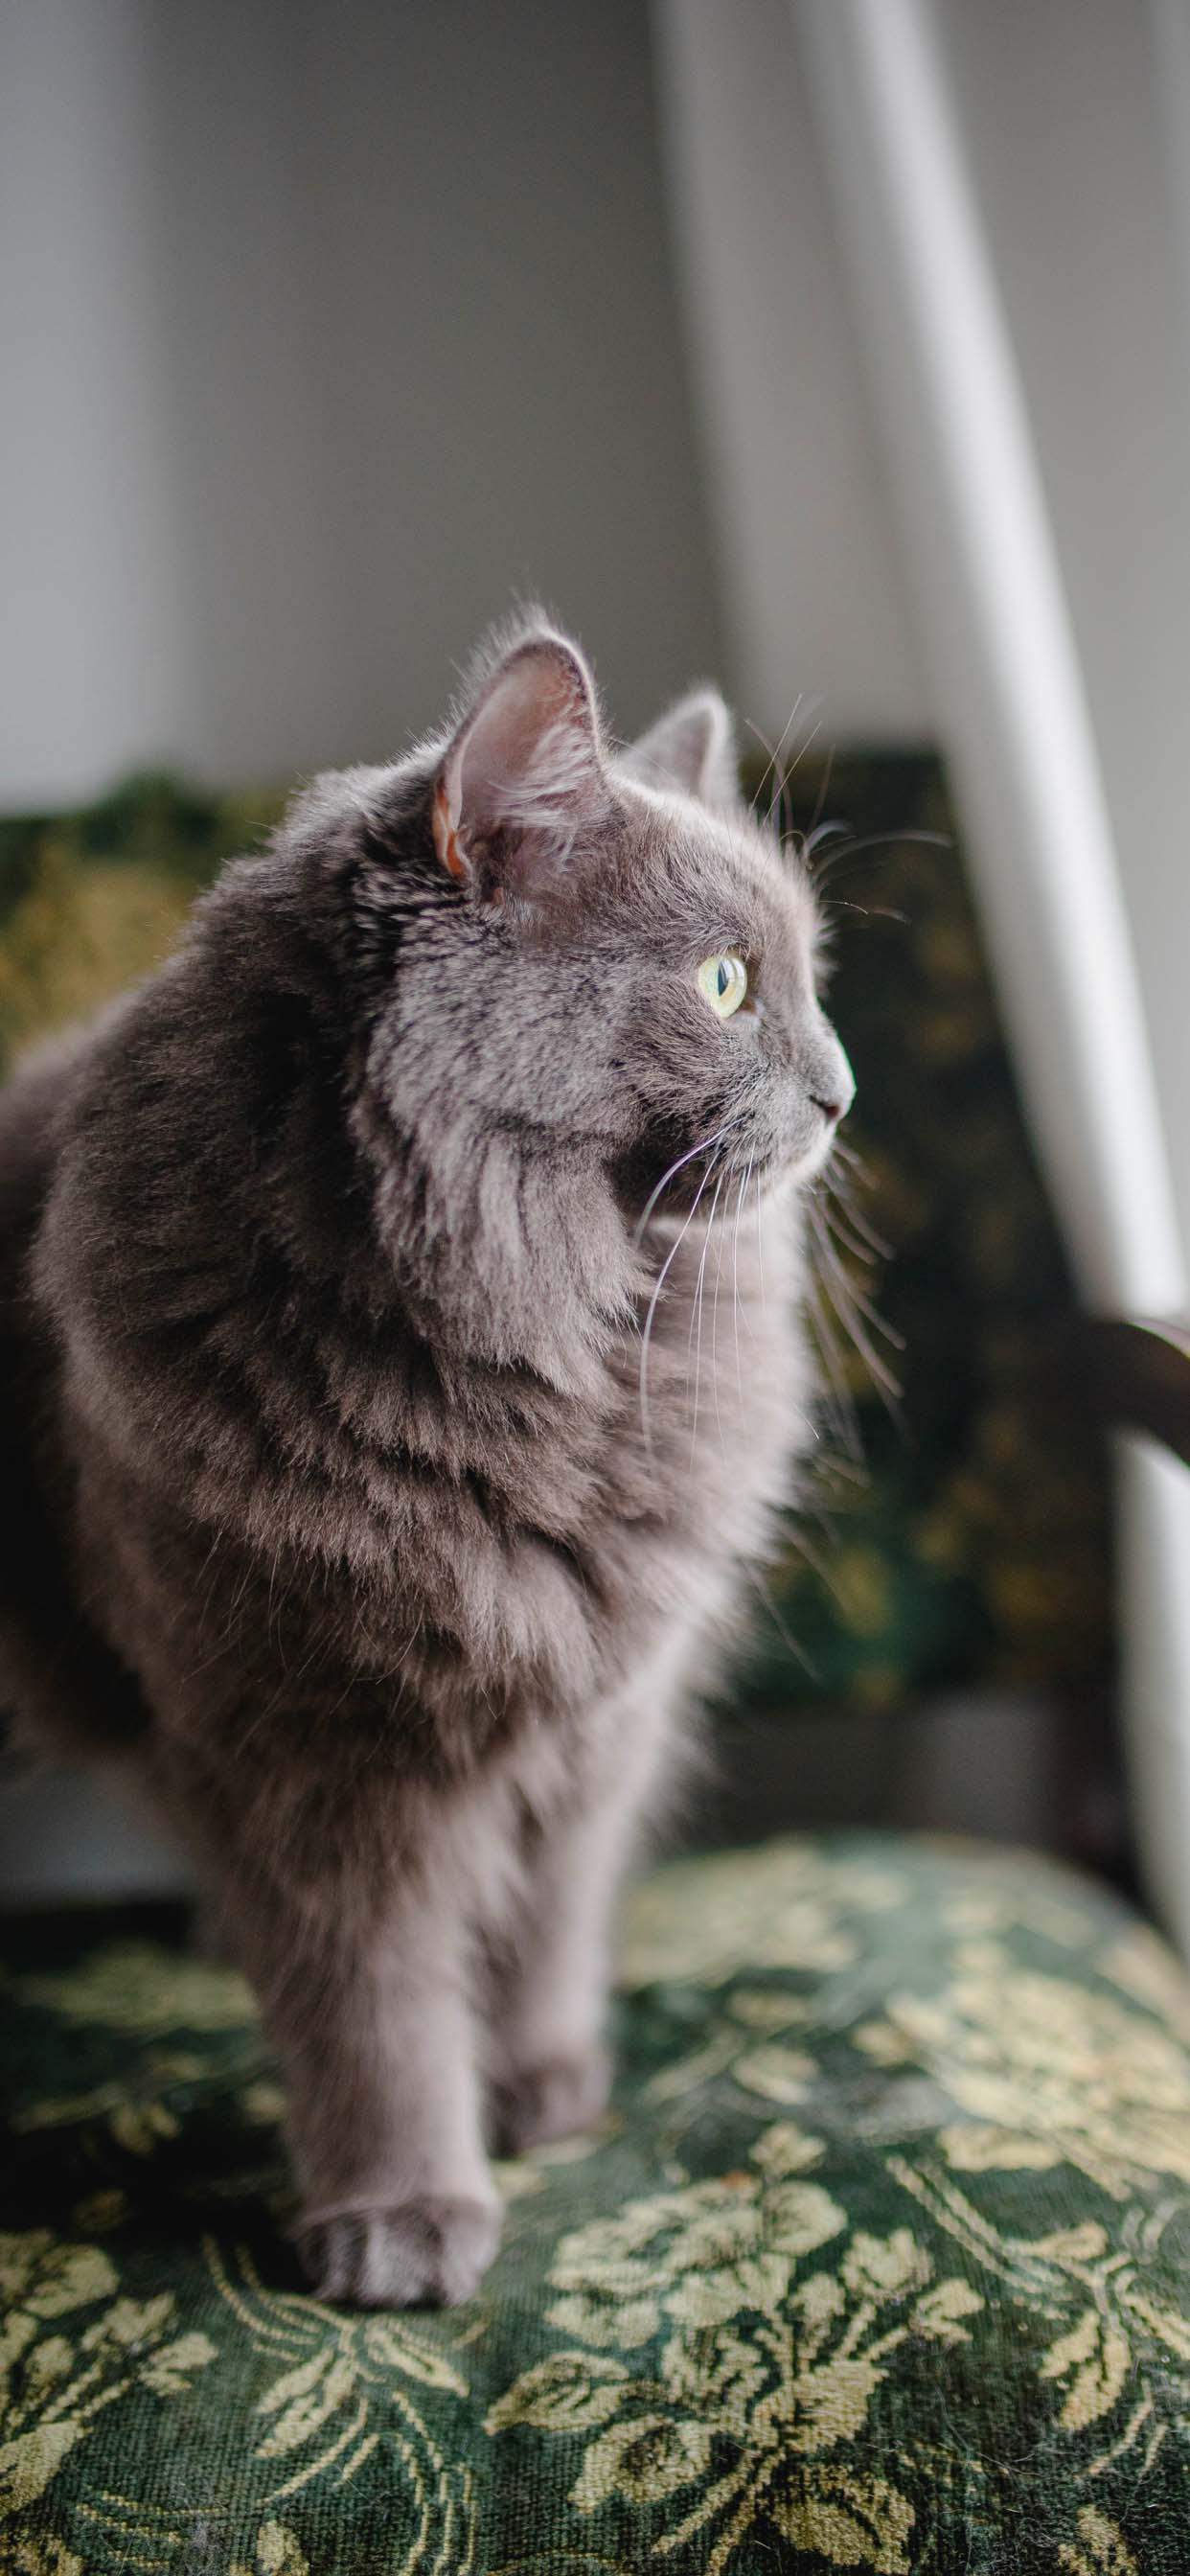 Fluffy Grey Cat - Cute iPhone Cat Wallpaper